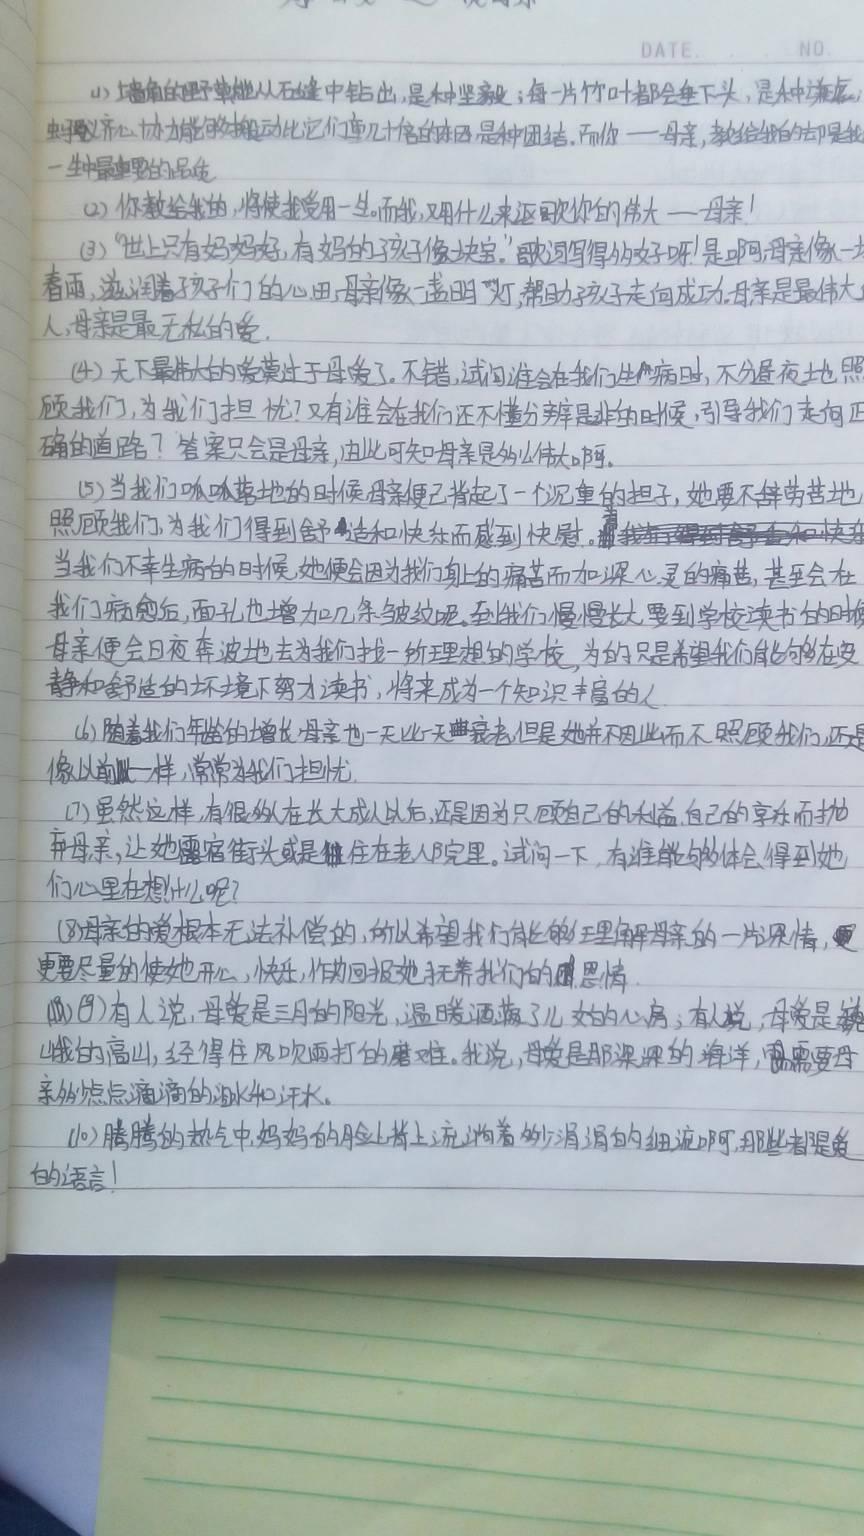 优美的句子摘抄100字【好段摘抄大全100字写景】